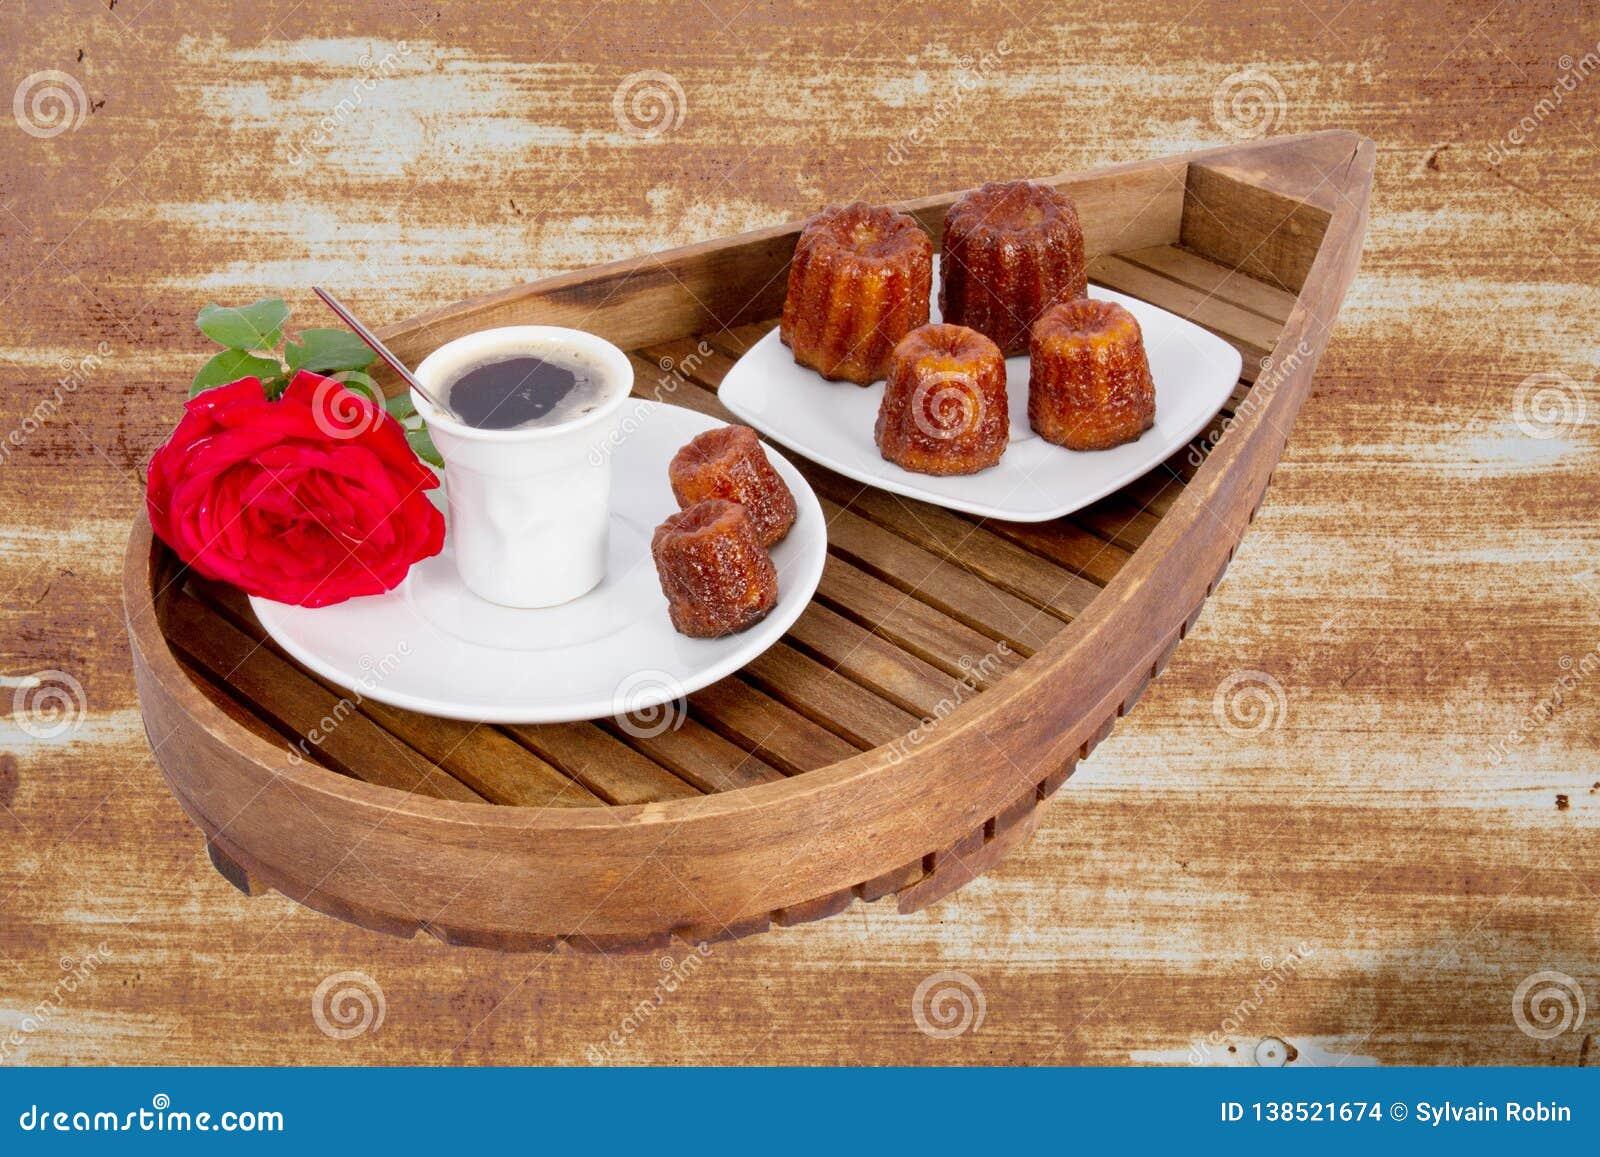 Canele est pâtisserie française de petit Bordeaux assaisonnée avec le rhum et la vanille avec le centre mou et tendre de crème an